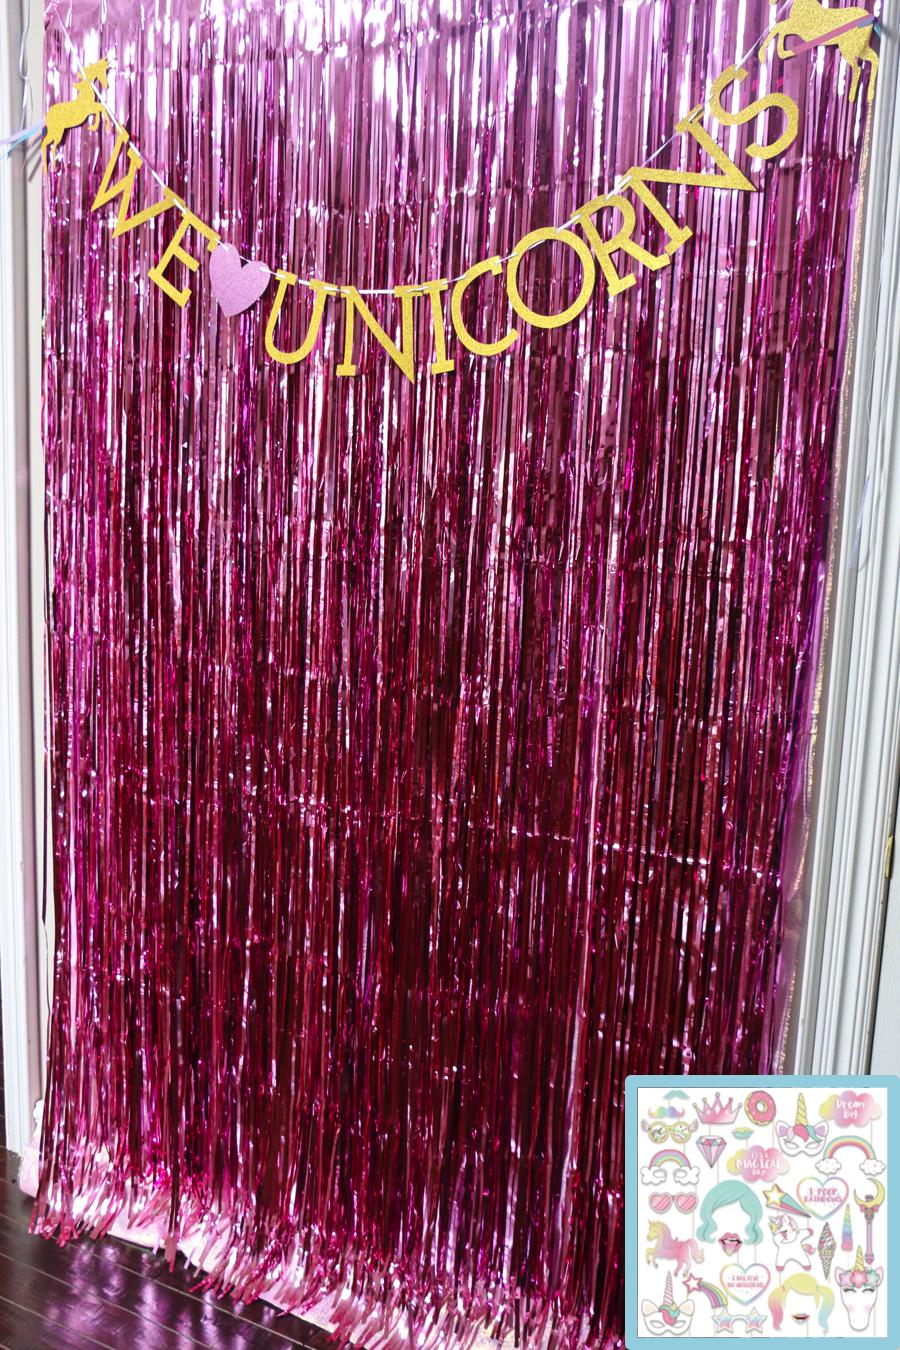 Ideas De Fiesta Unicornio Decoraciones De Fiesta De Unicornio Juegos